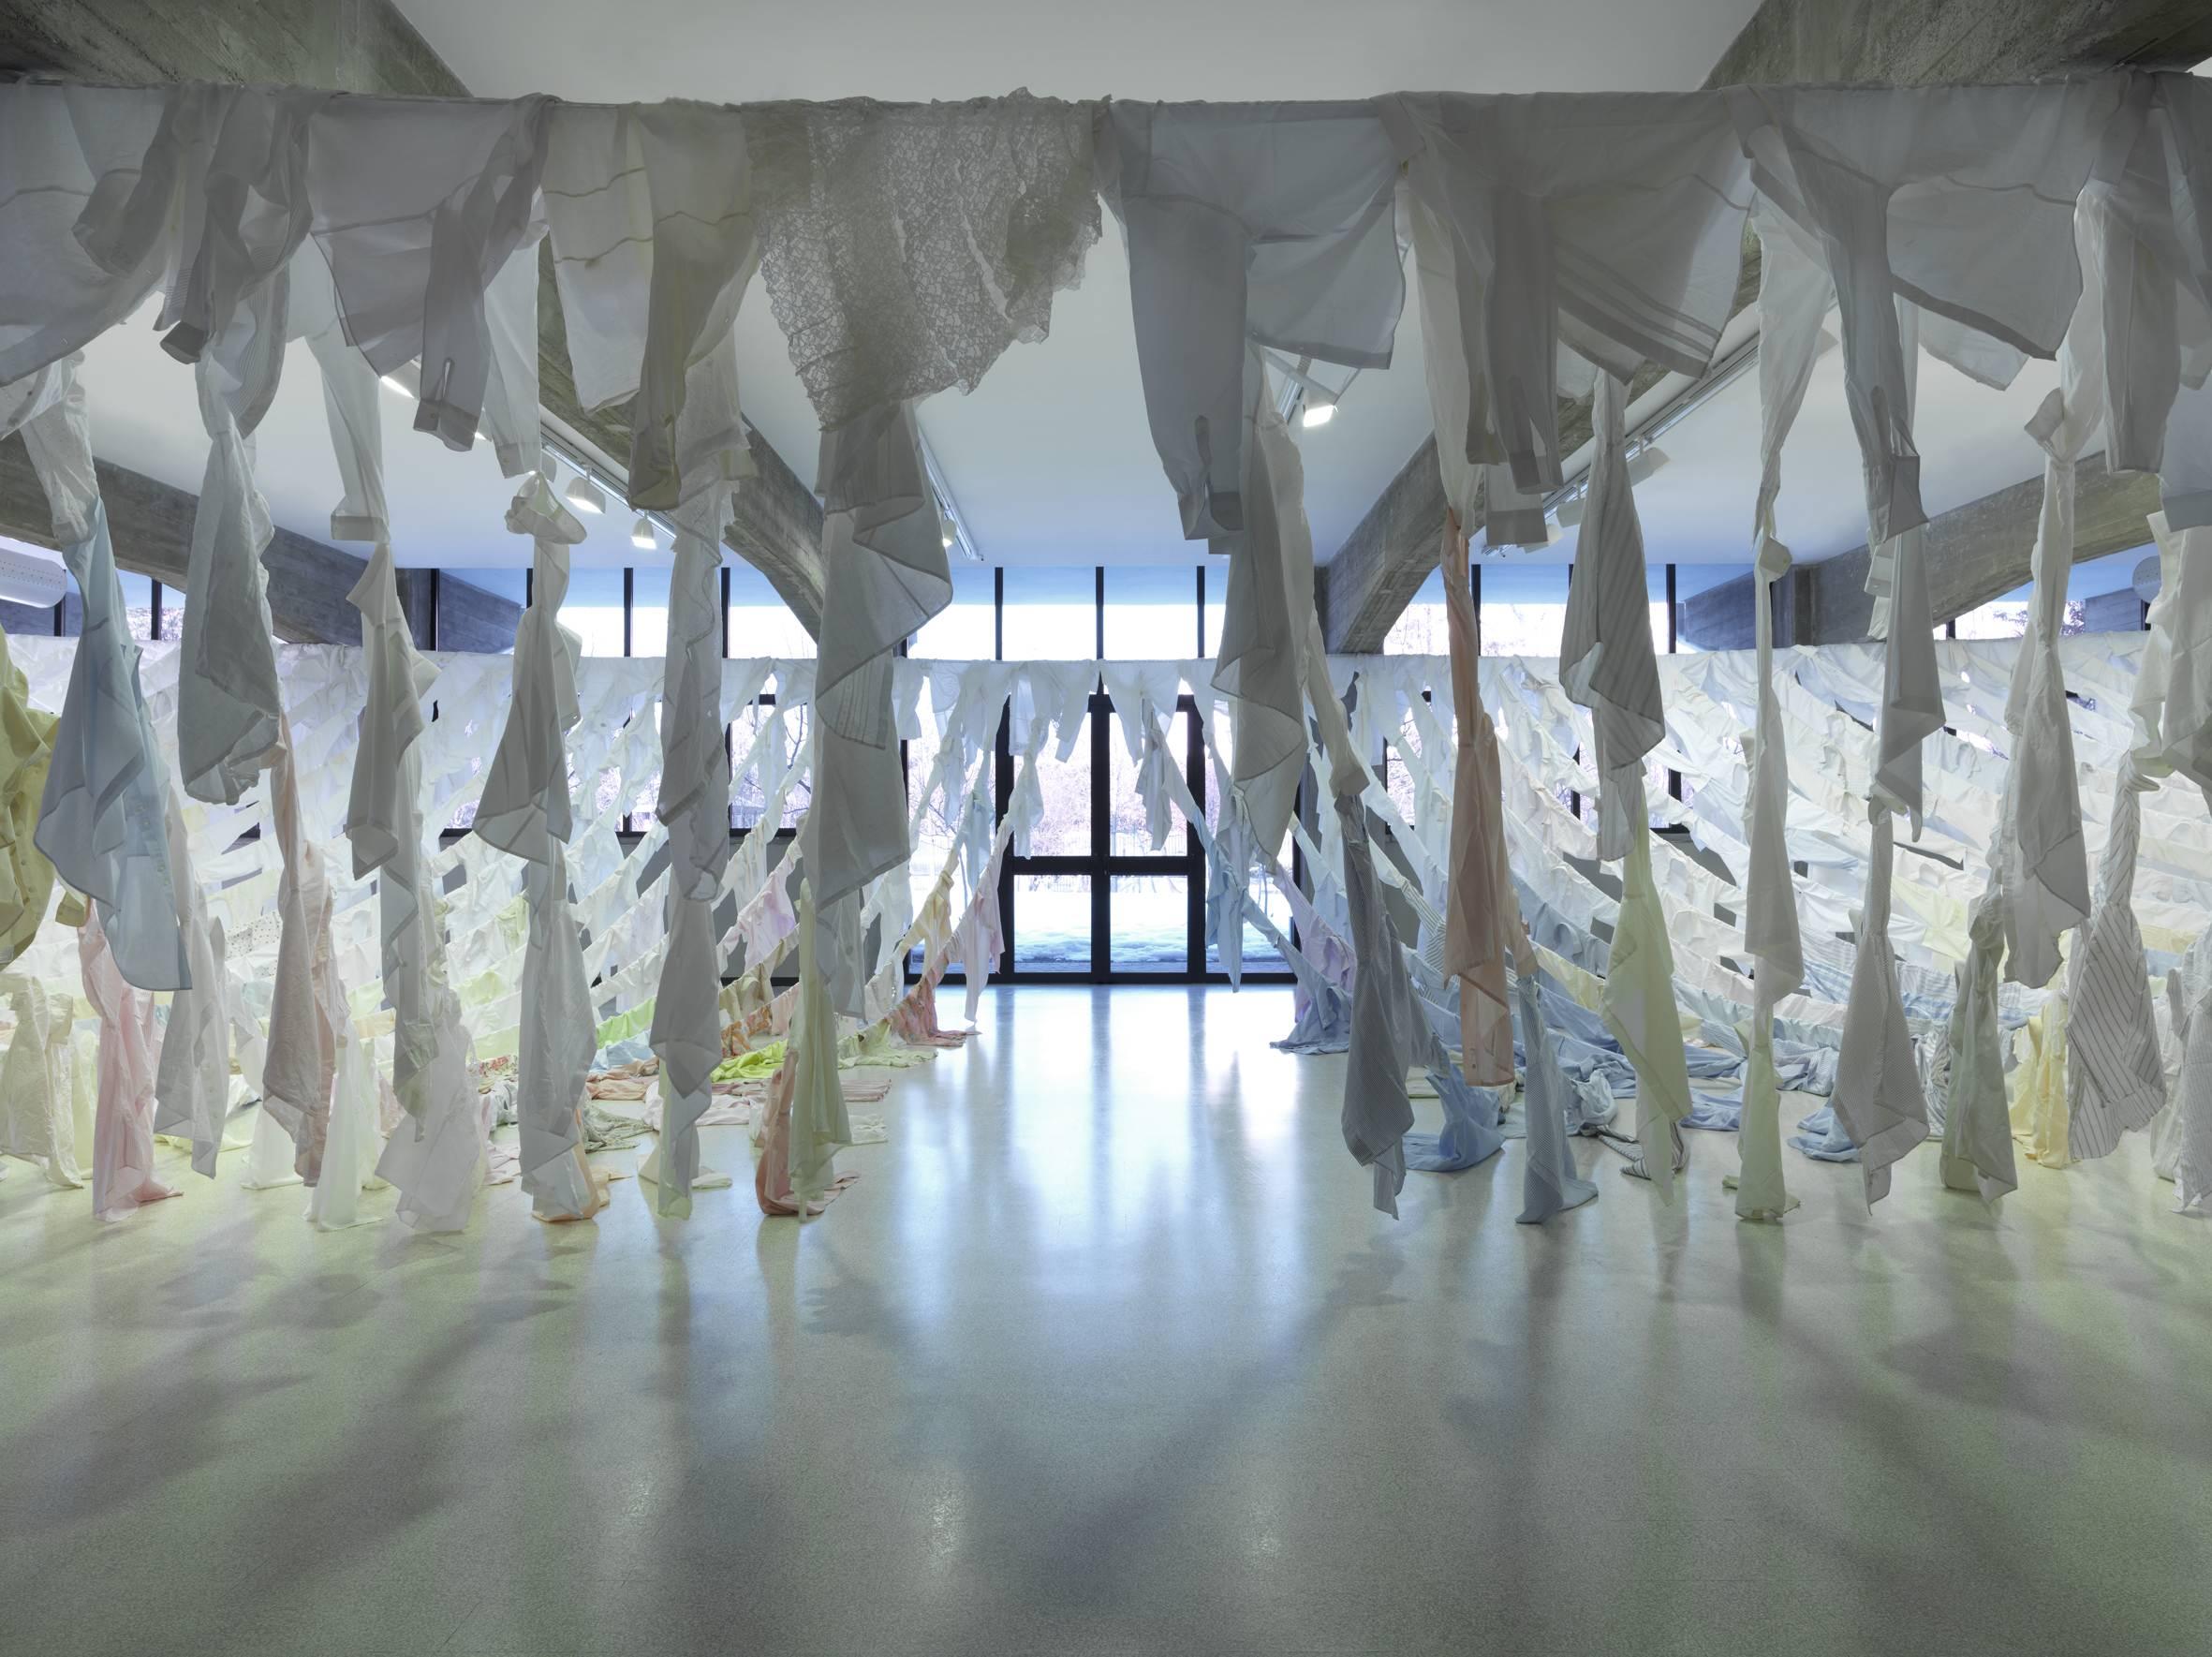 Kaarina Kaikkonen - Are We Still Going On? - veduta dell'installazione presso la Collezione Maramotti, Reggio Emilia 2012 - photo Dario Lasagni